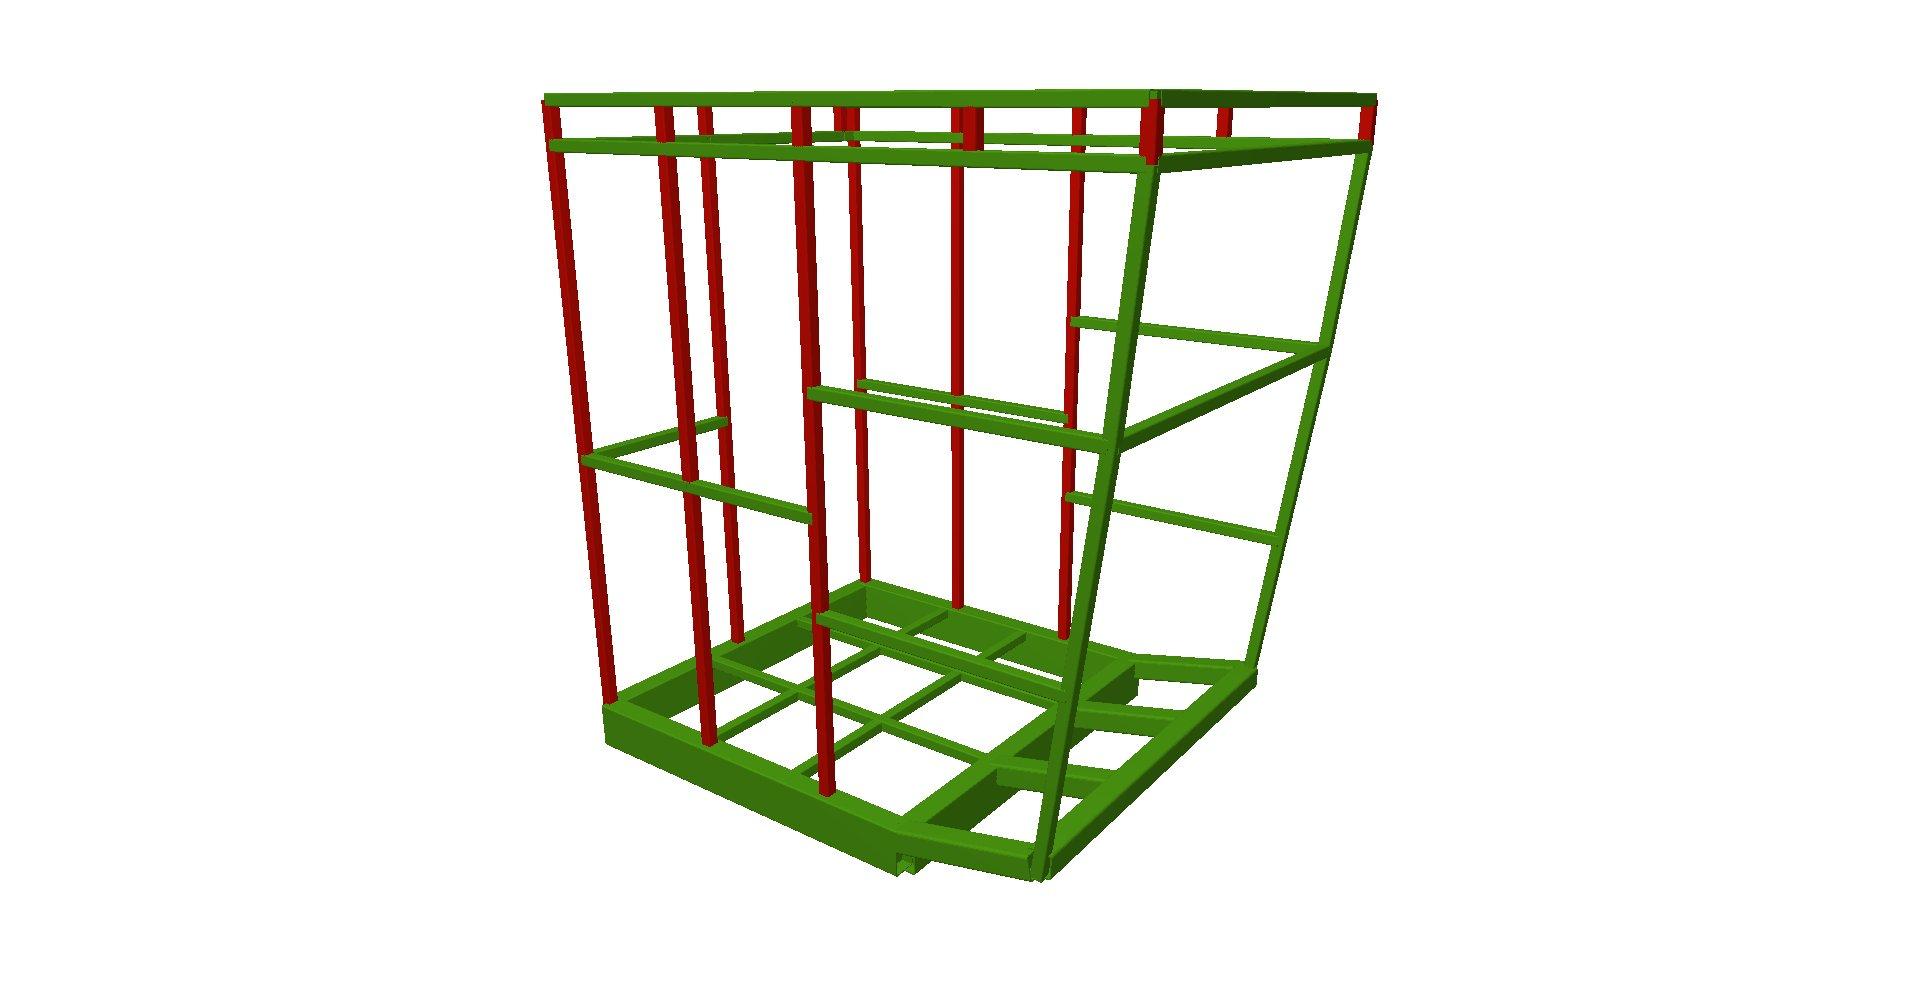 Cabina grúa 01 - Proyectos ACCE Ingeniería